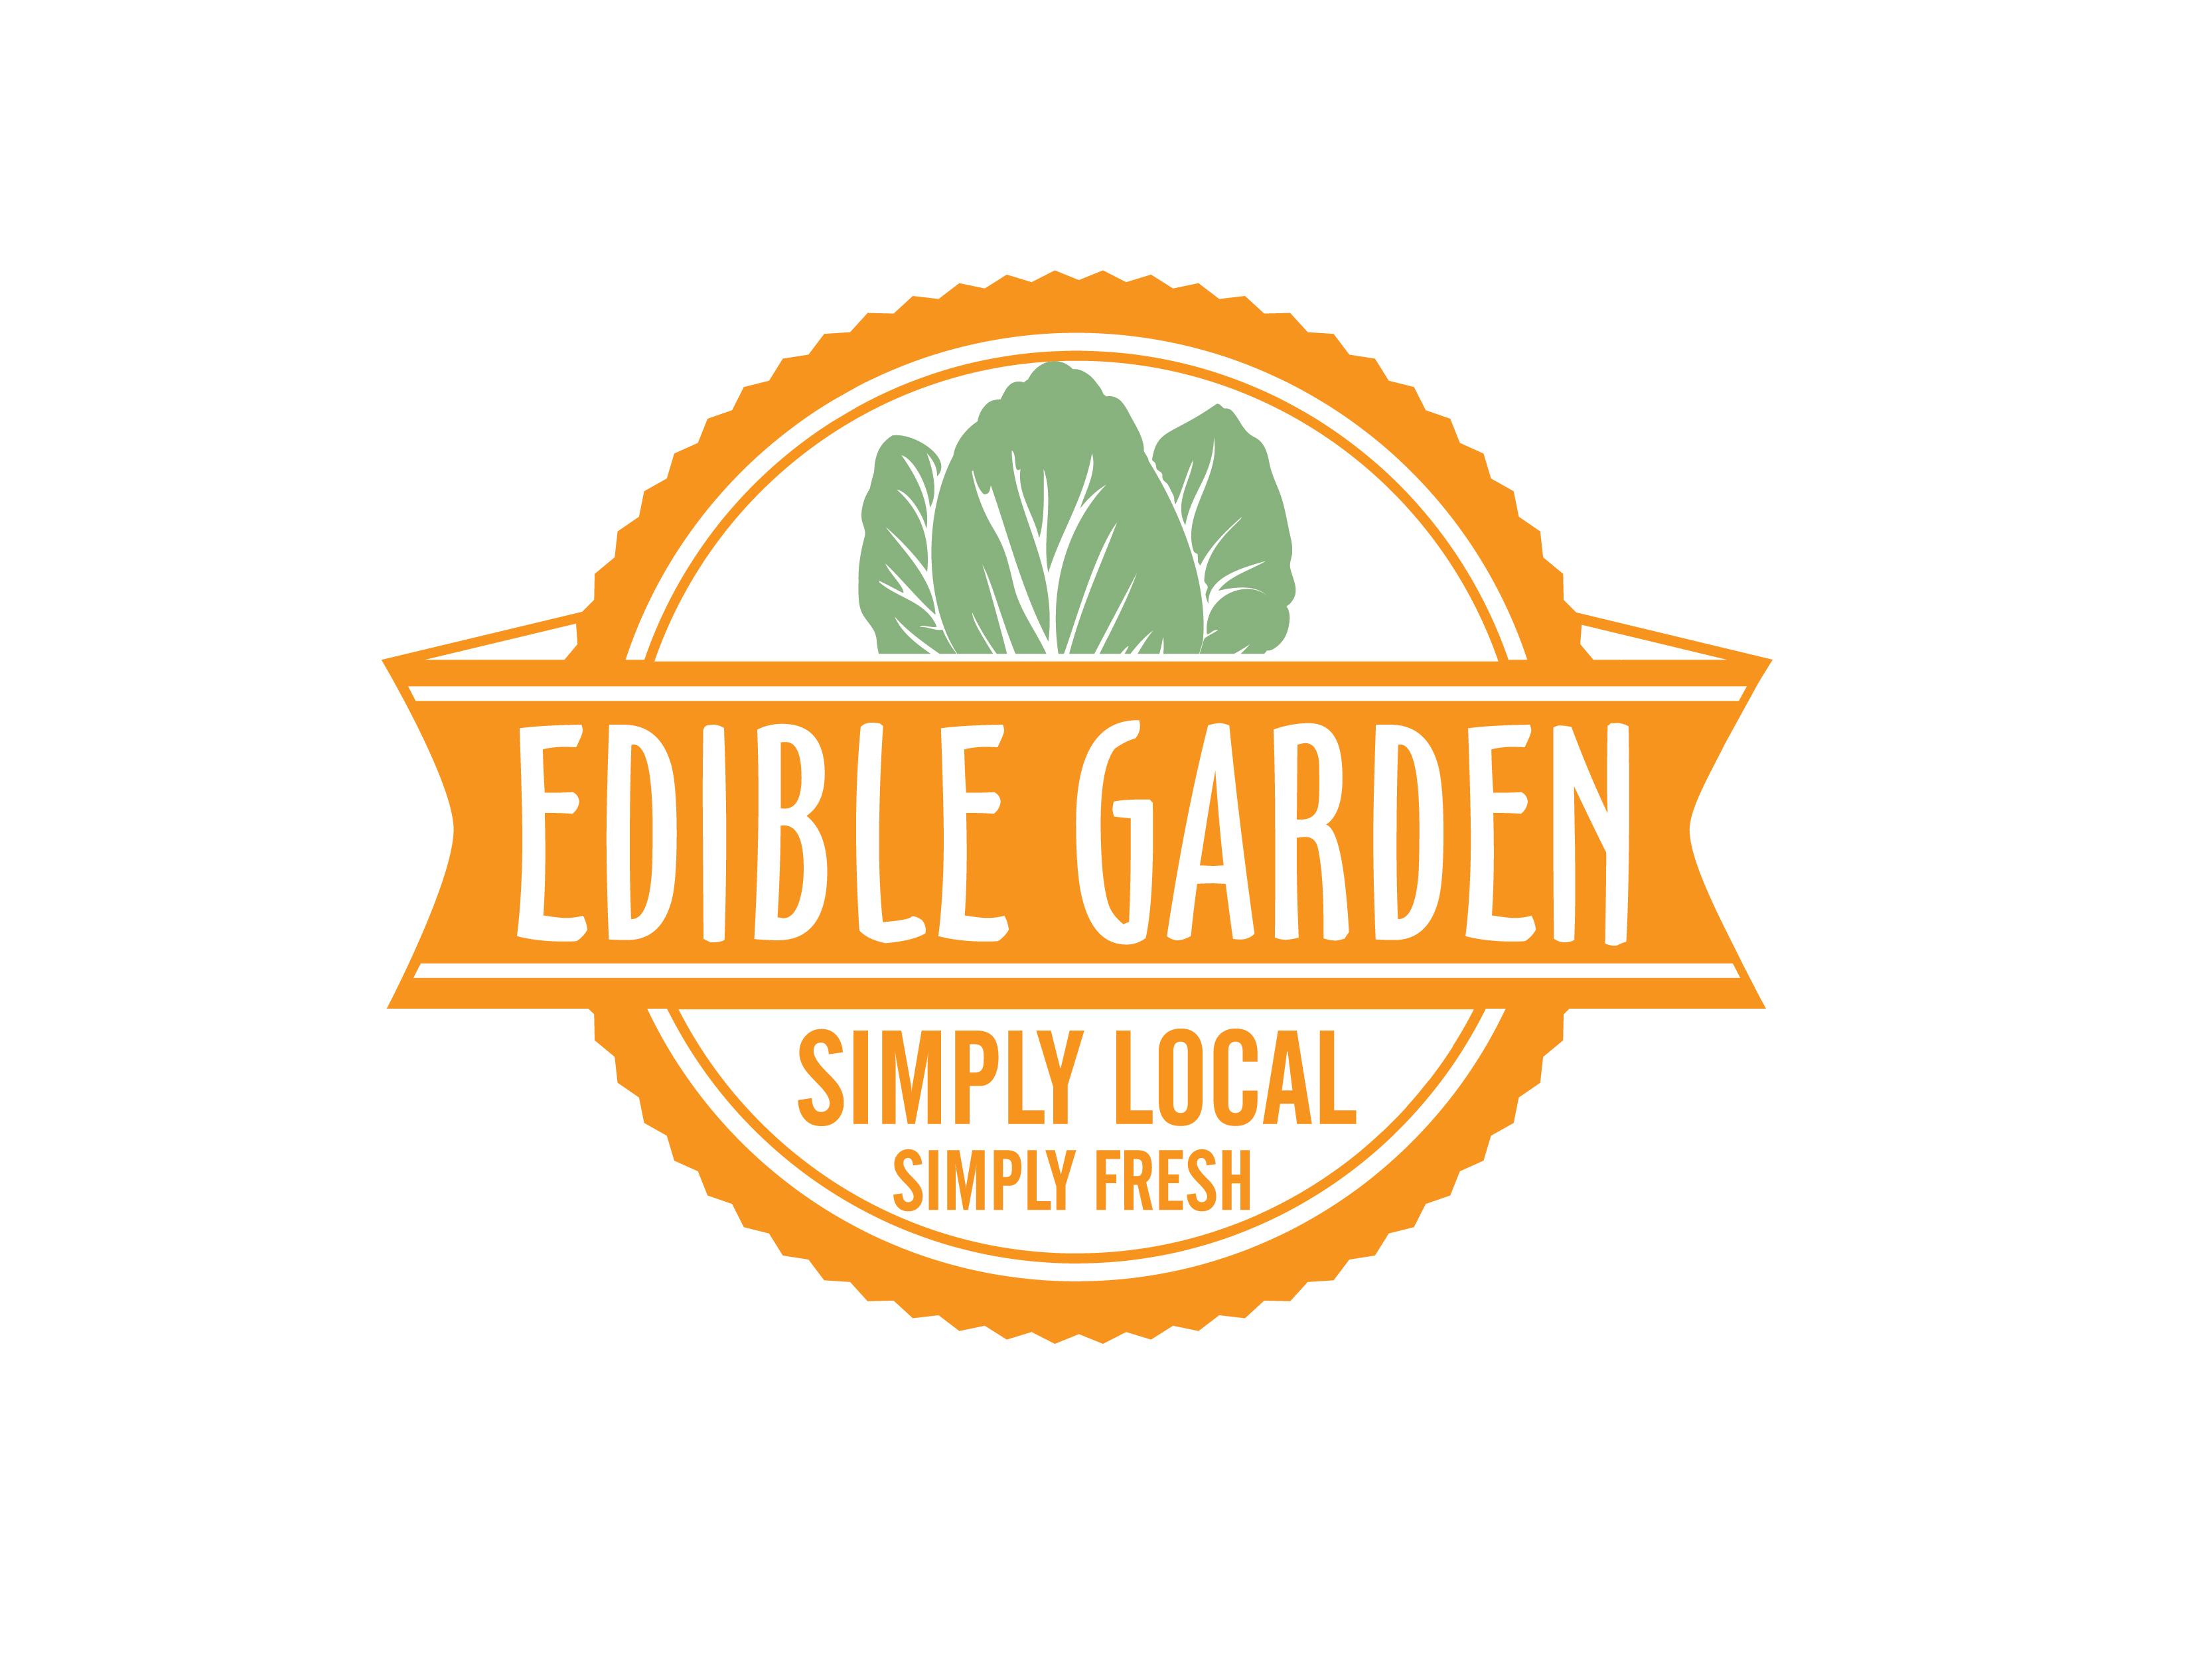 Edible garden terra tech garden ftempo for Garden state orthopedics fair lawn